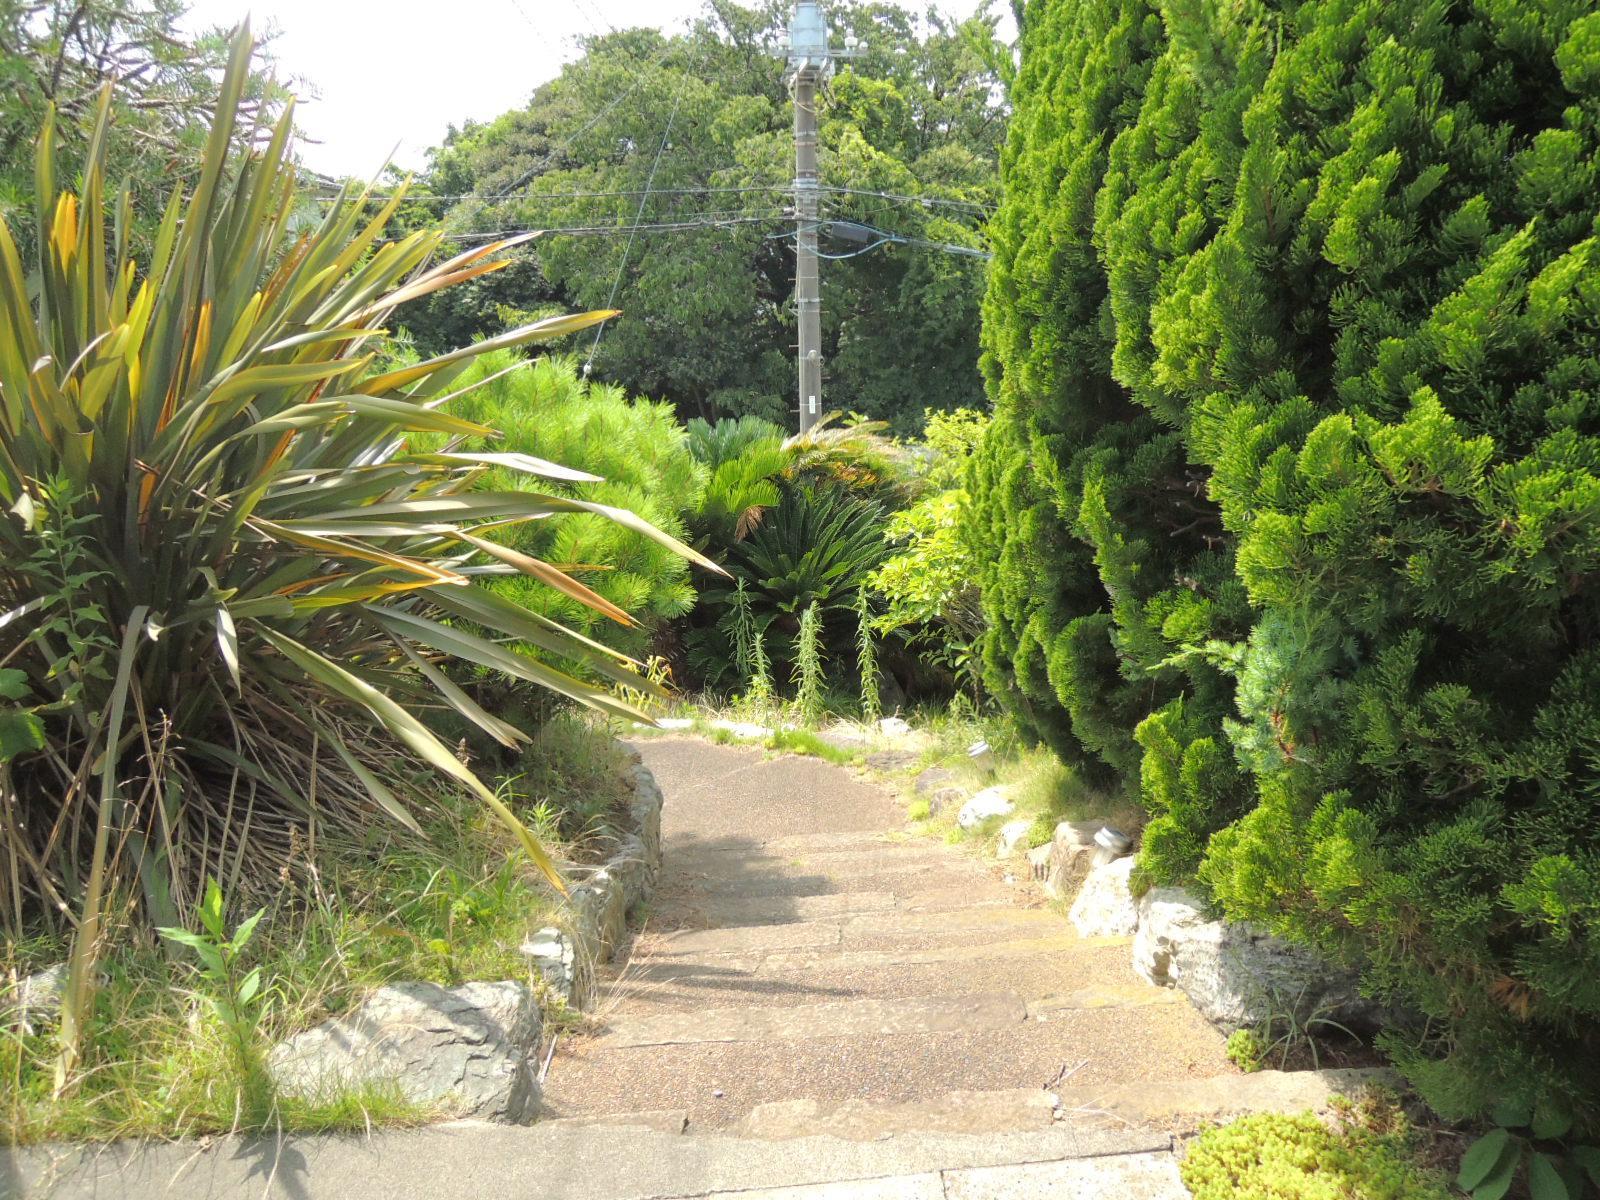 門扉から玄関までのアプローチ。低い松の木の間を抜けて。